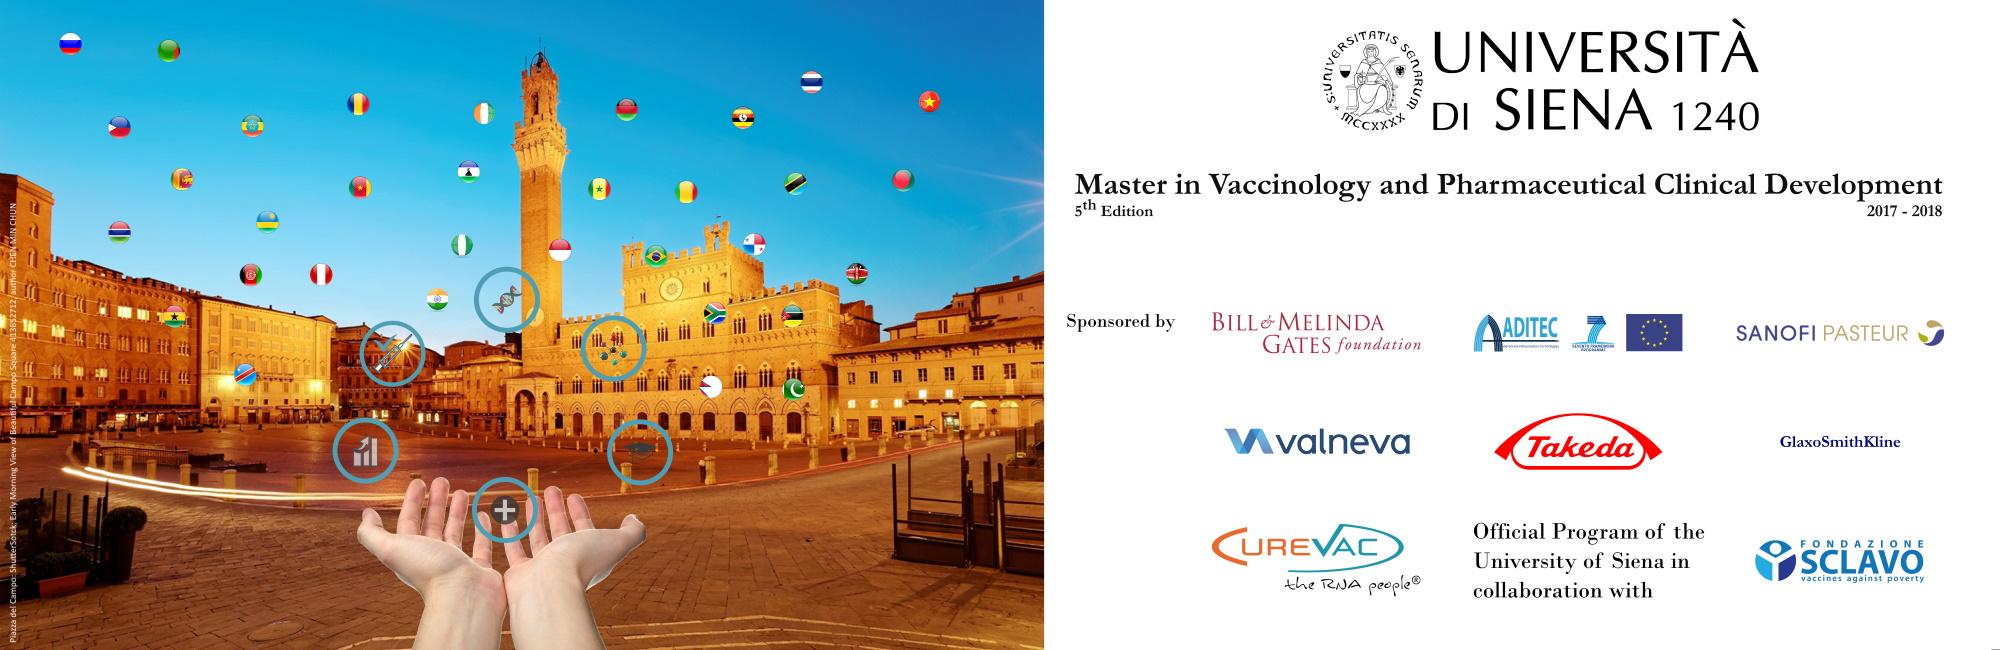 Master in Vaccinologia e Sviluppo Clinico Farmaceutico